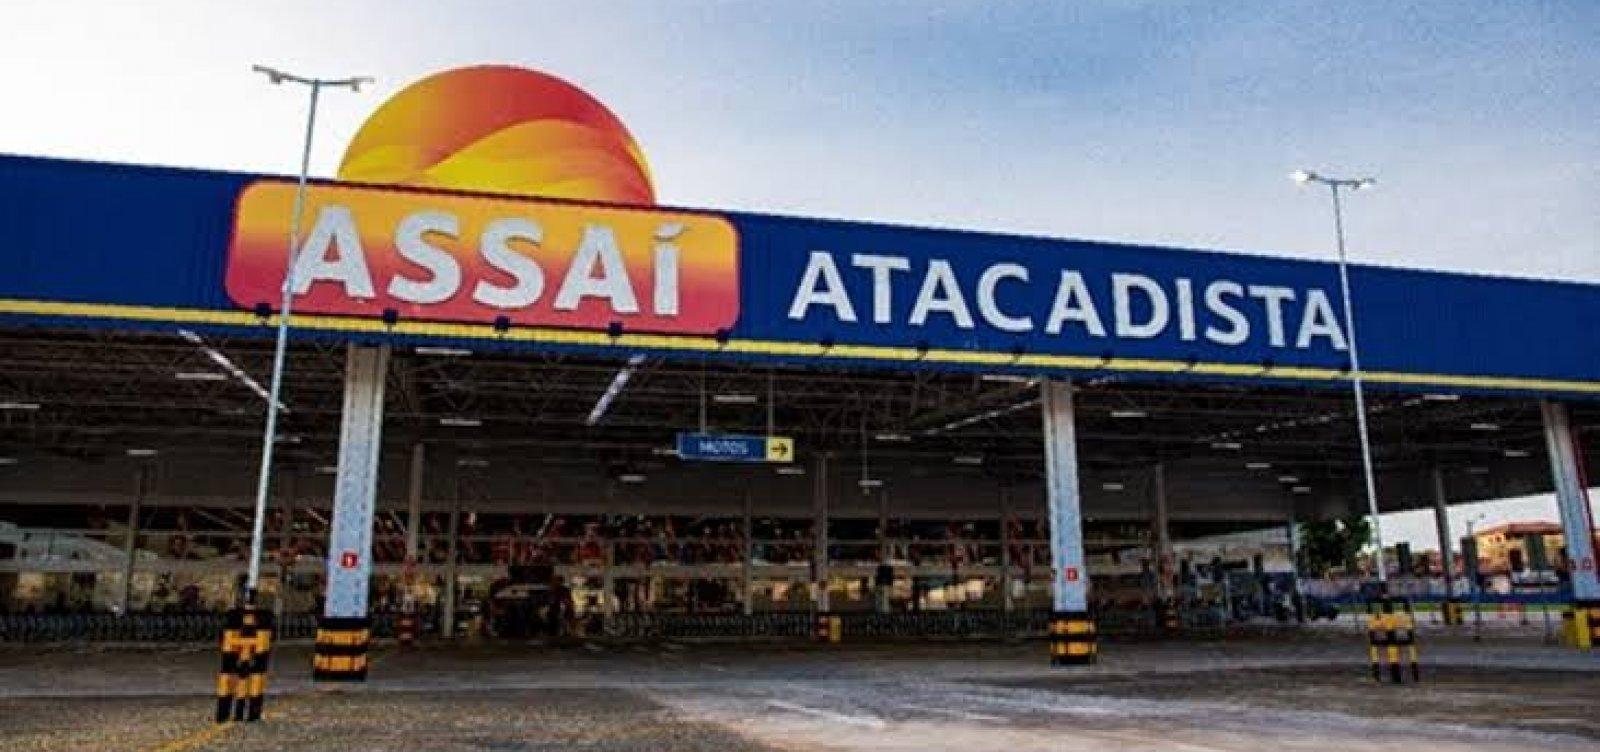 Assaí compra 71 lojas da rede Extra por R$5,2 bilhões